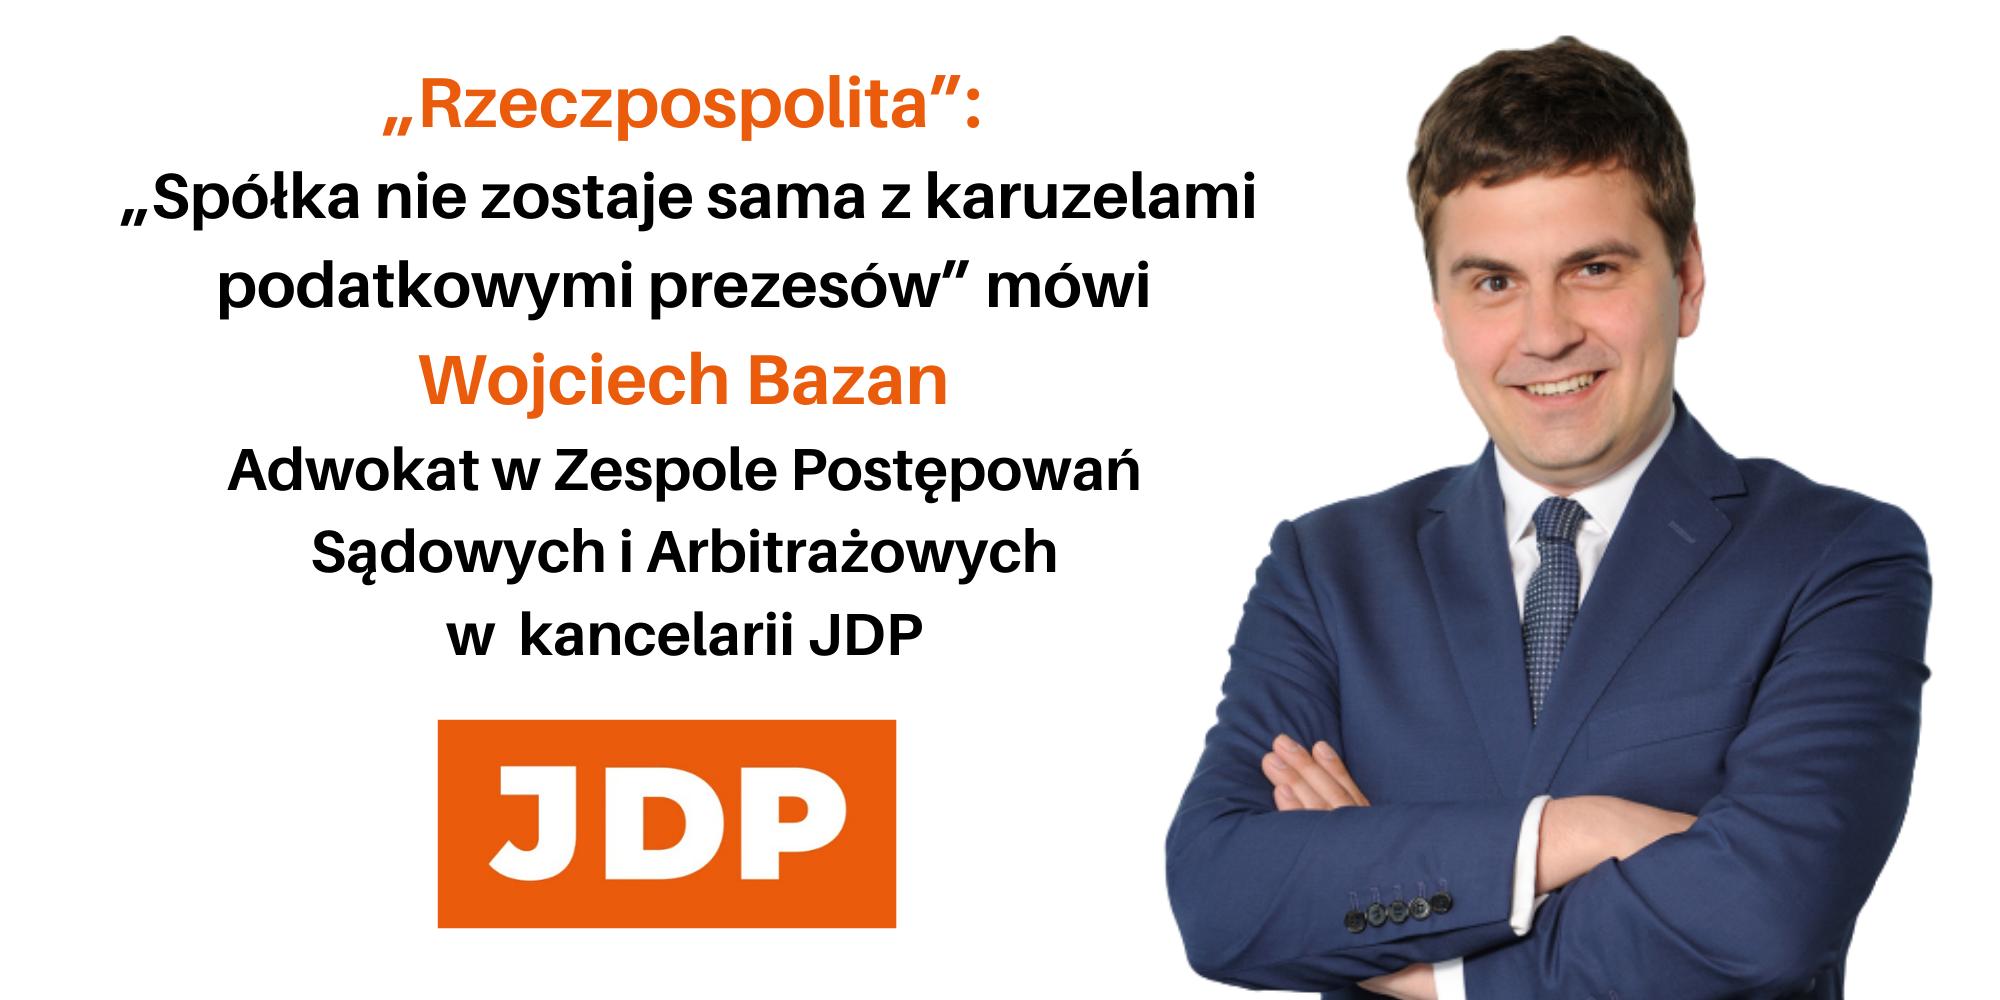 Rzeczpospolita_Wojciech Bazan